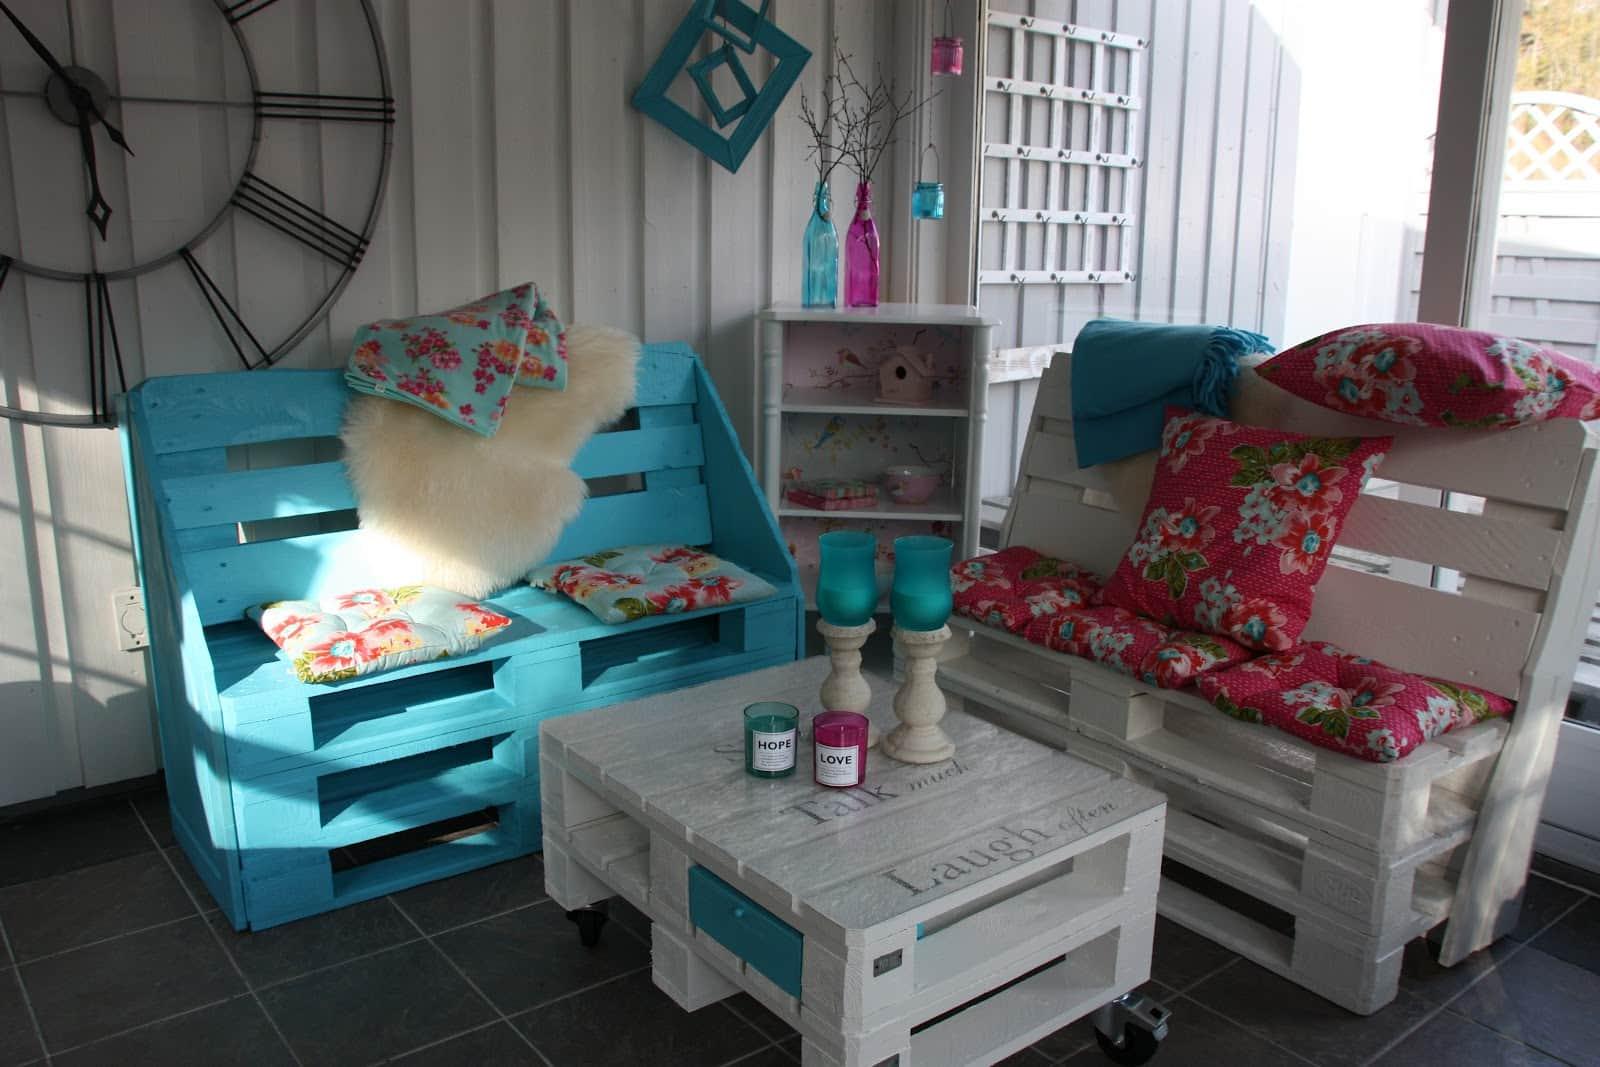 cómo decorar el hogar con poco dinero